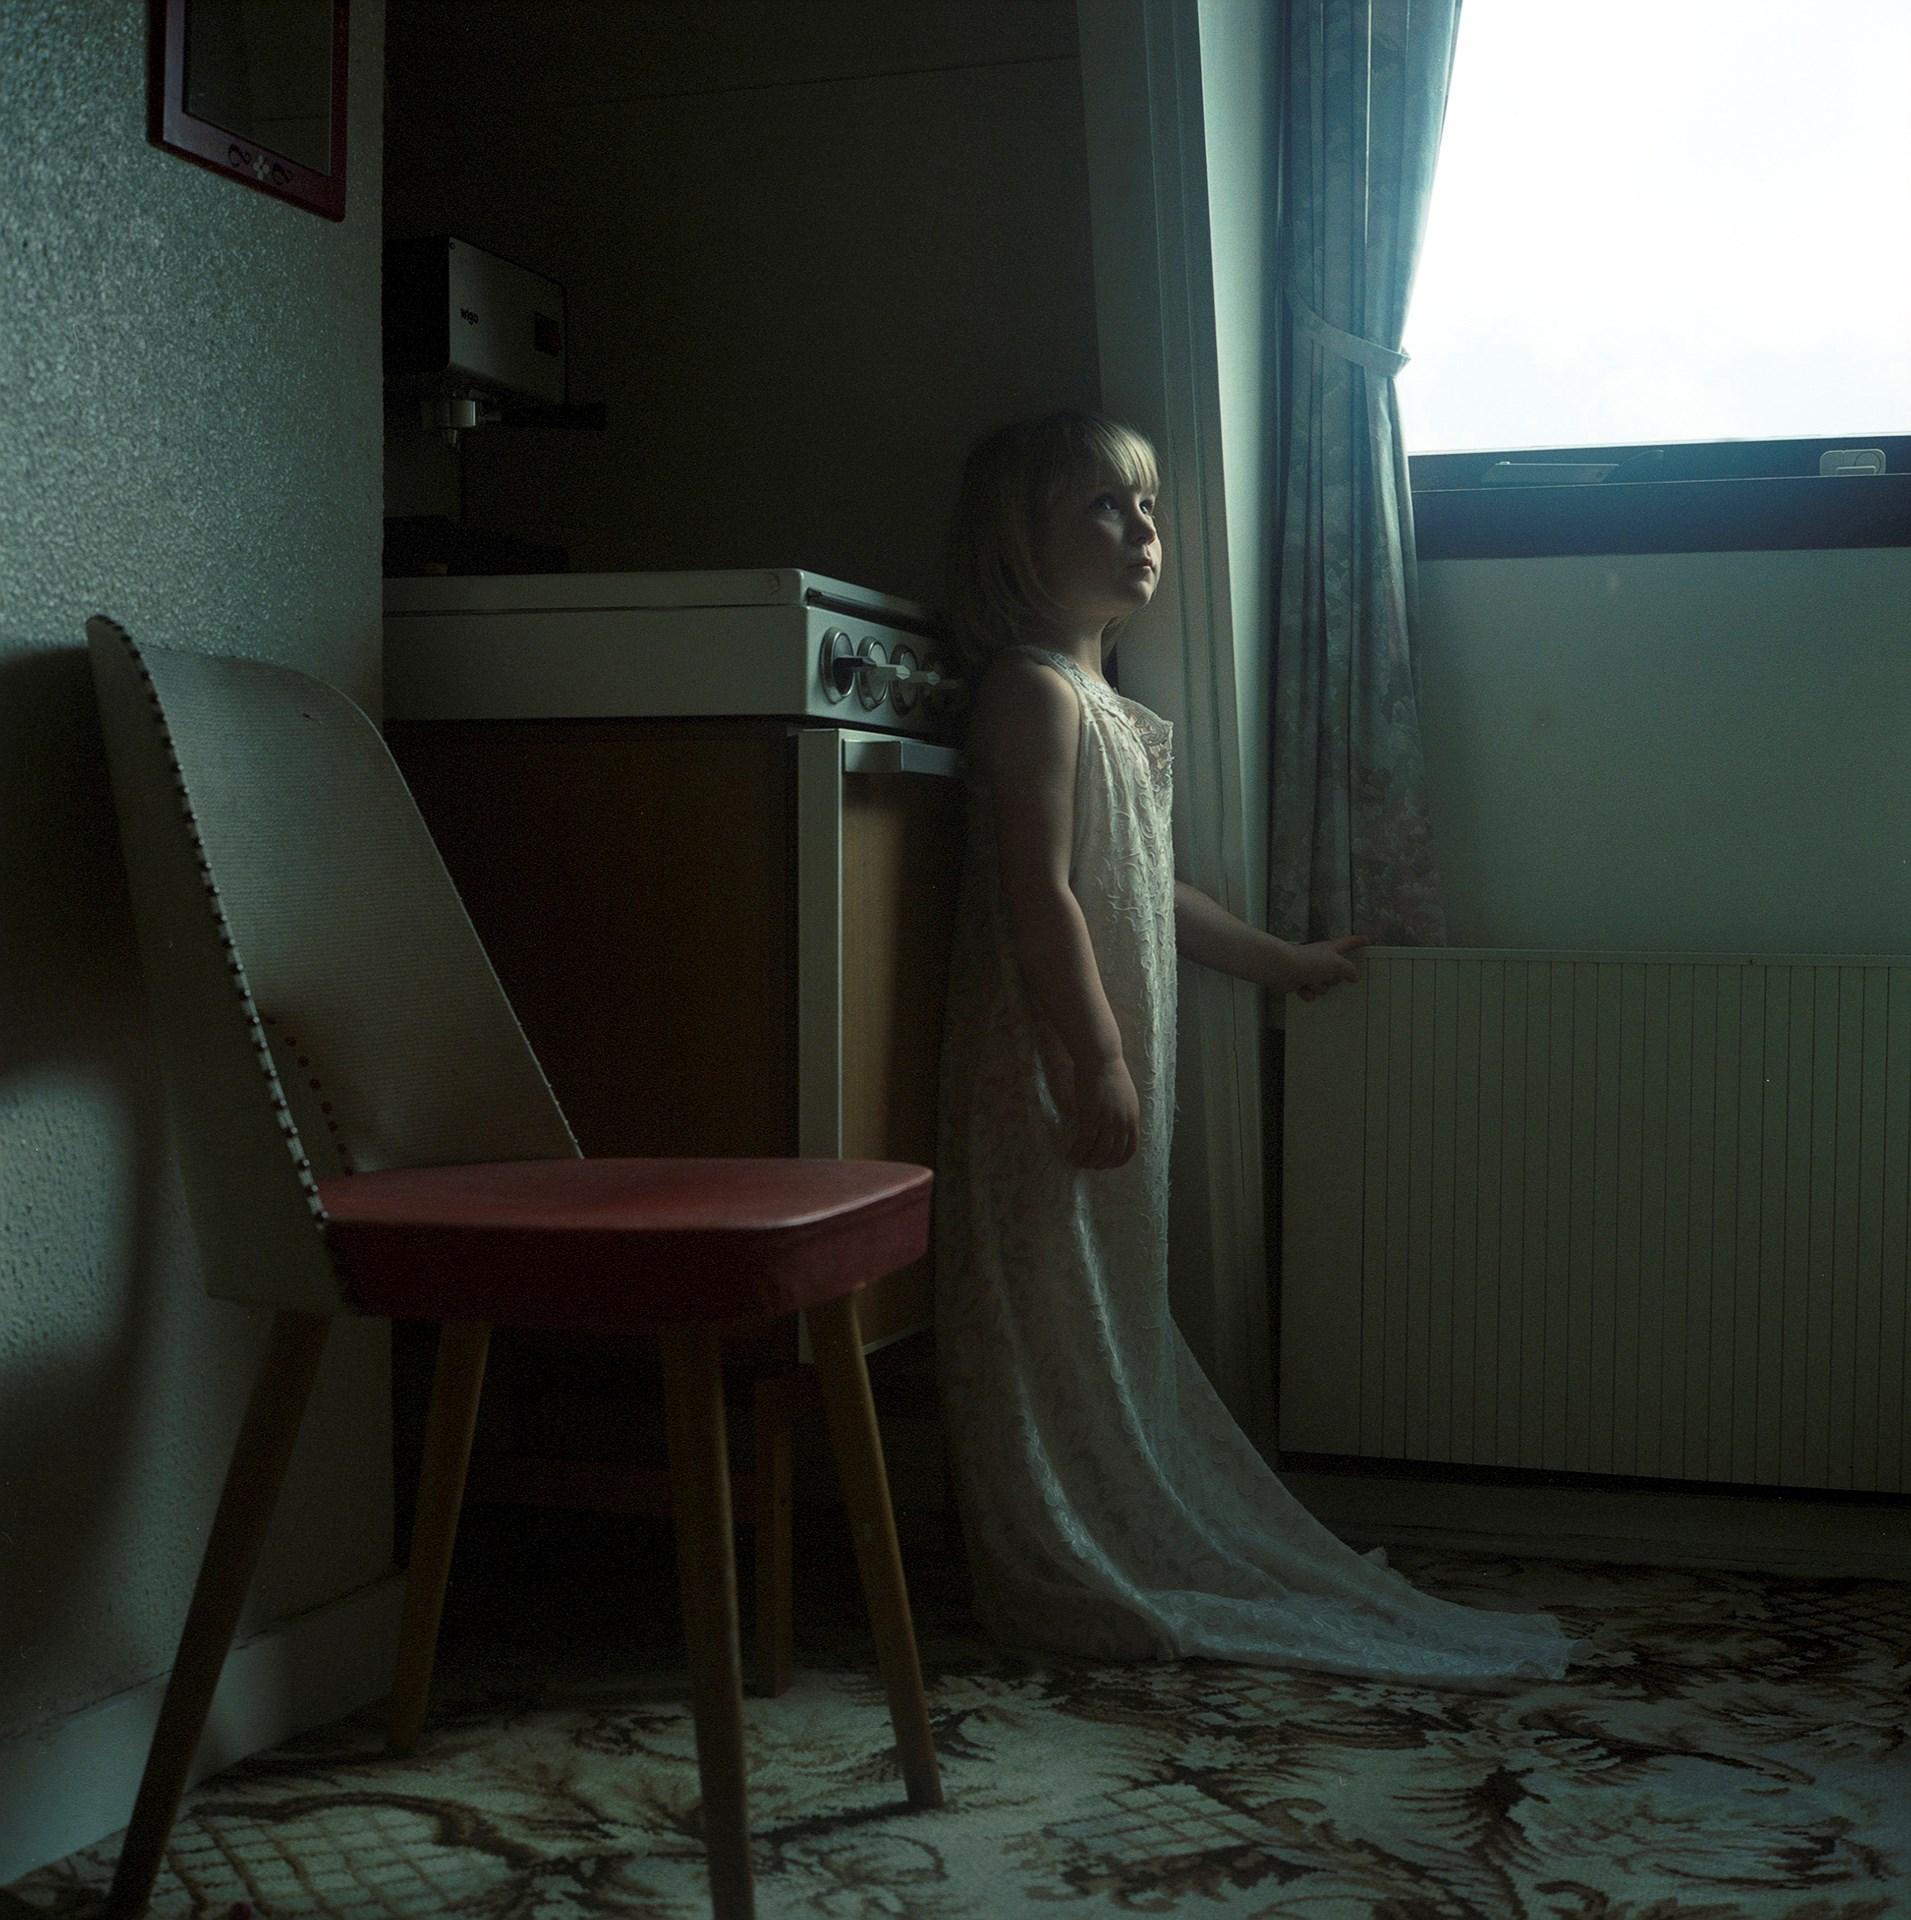 hellen van meenes photography essay